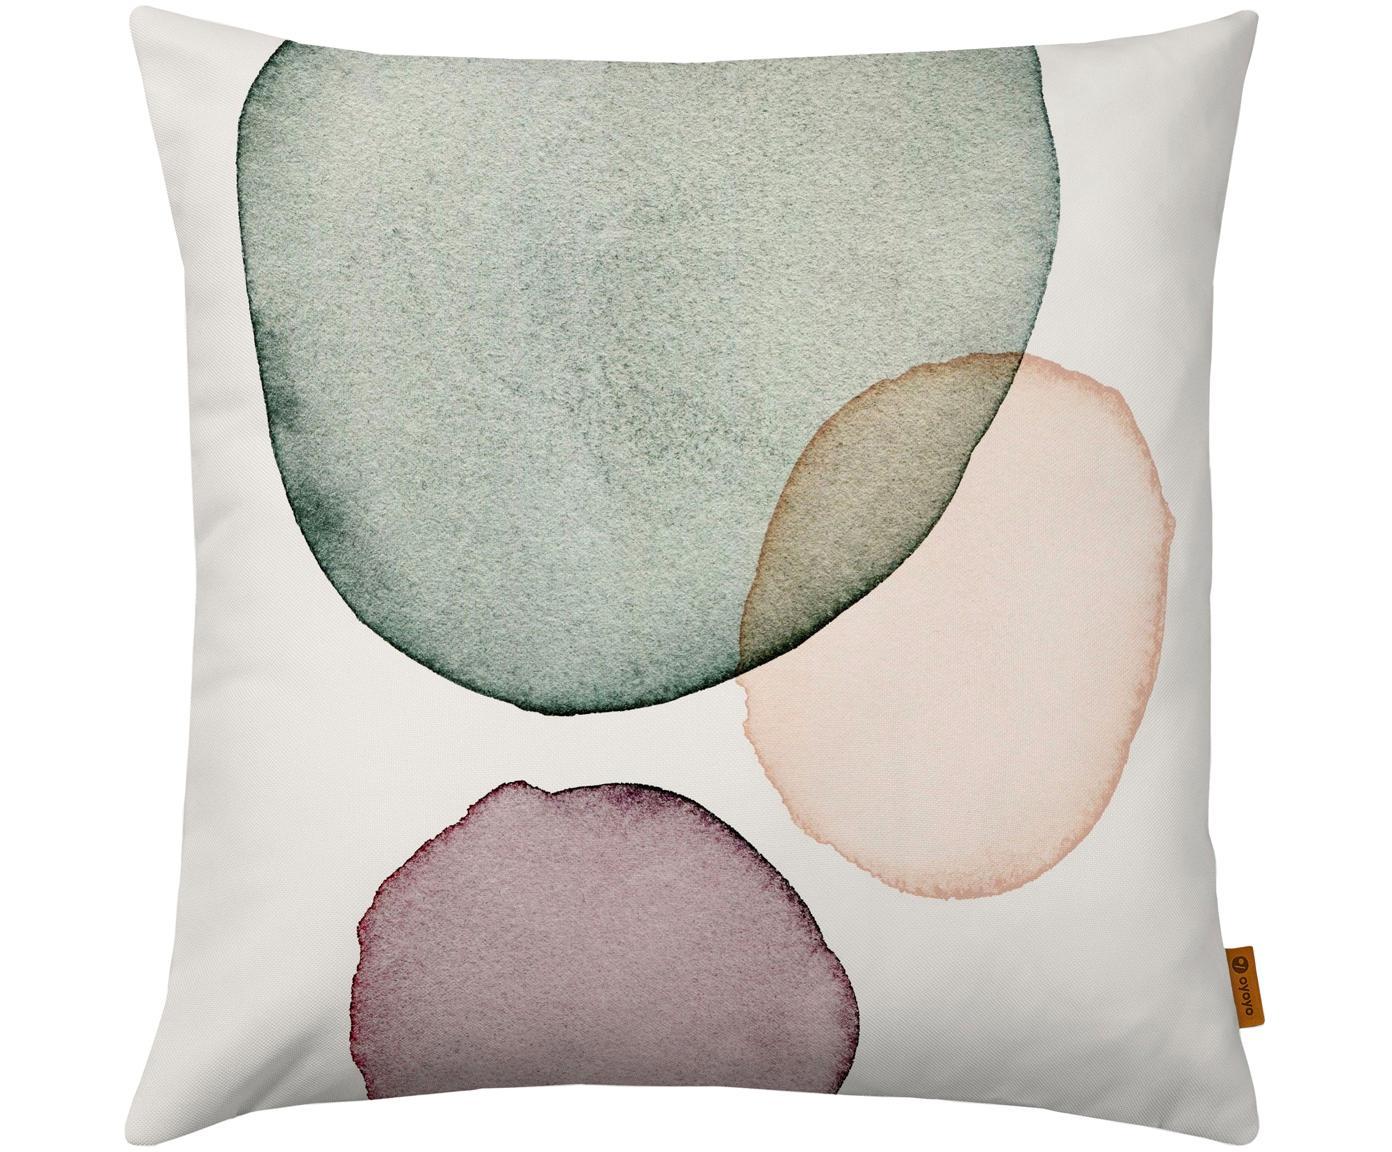 Poszewka na poduszkę Calm, Poliester, Biały, zielony, lila, odcienie łososiowego, S 40 x D 40 cm